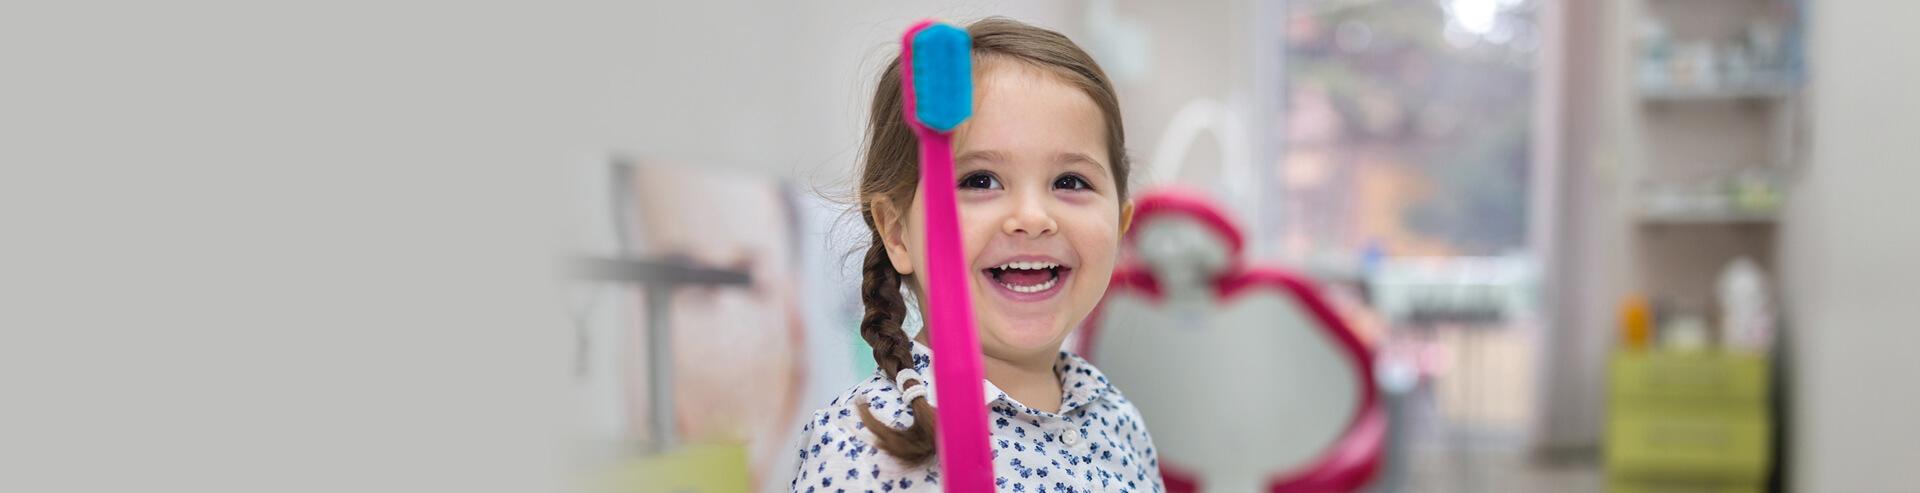 Children's Painless Dentistry